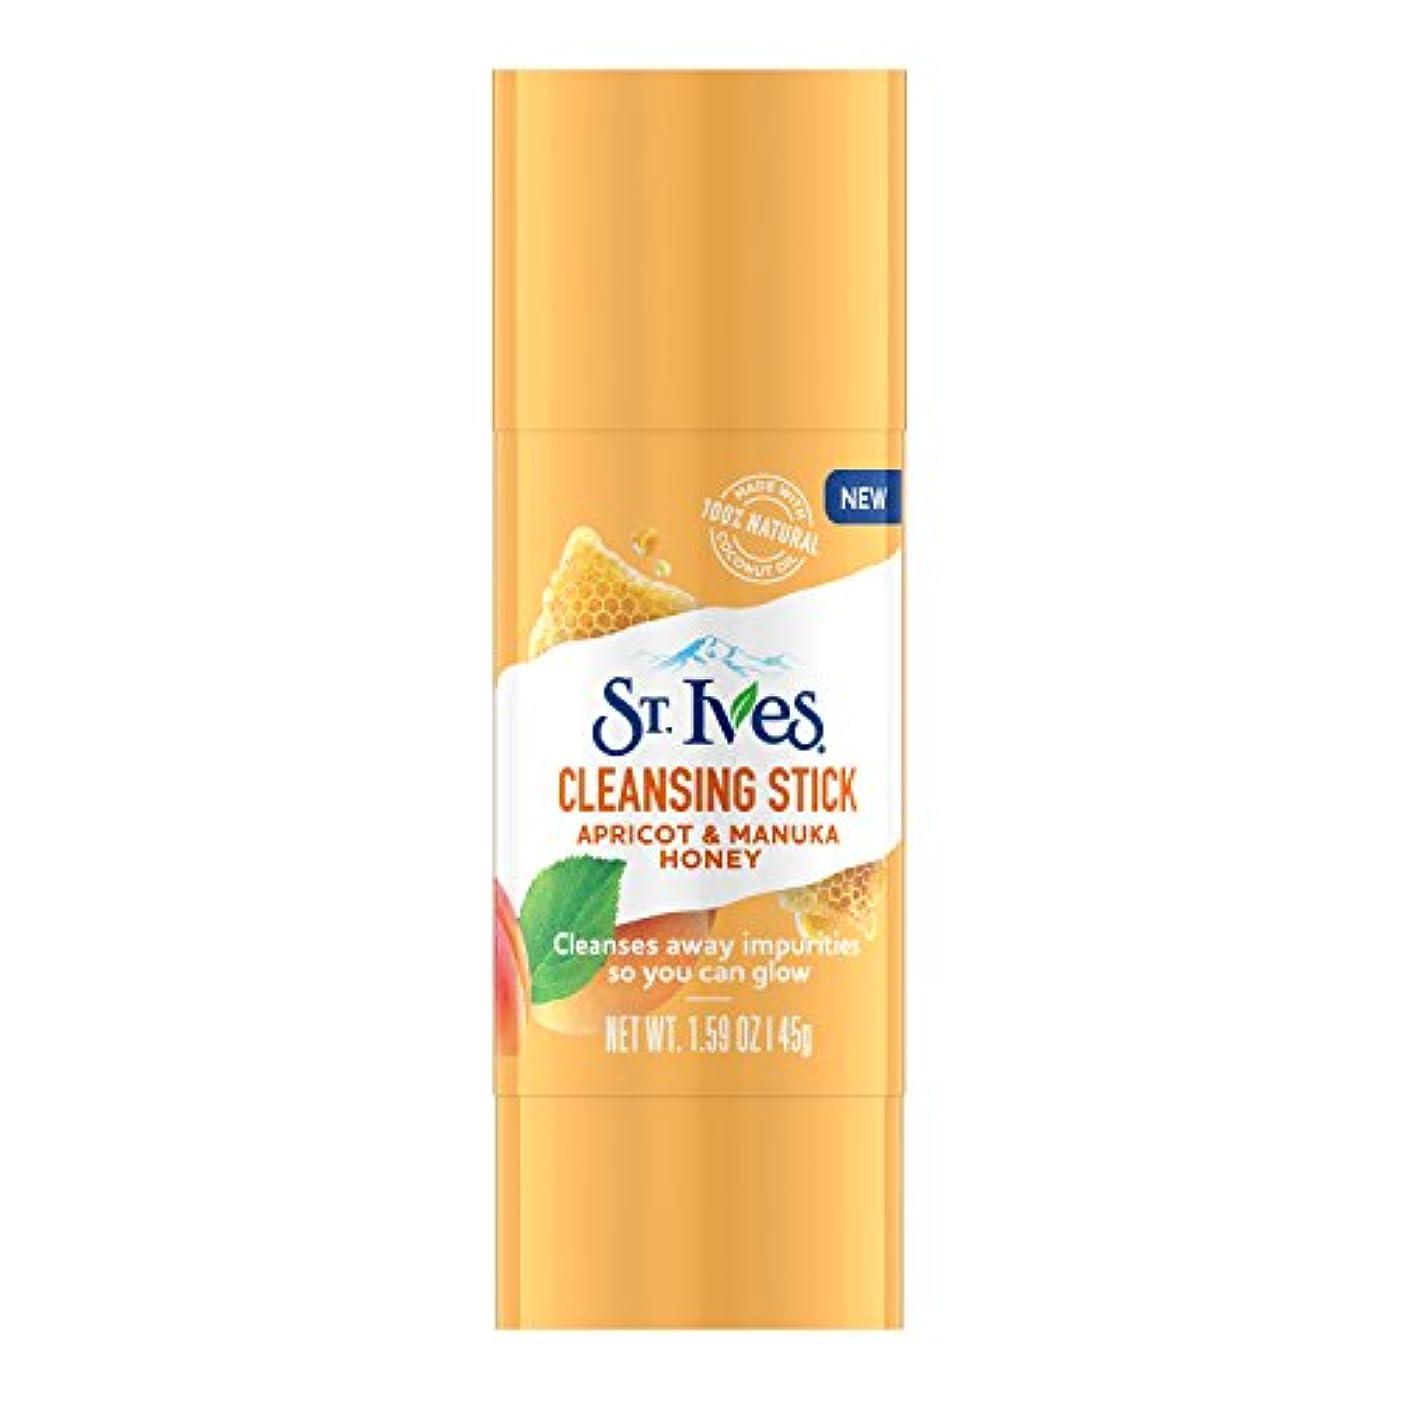 最高生きているくるみSt. Ives クレンジングスティック 最新コリアンビューティートレンド 100%ナチュラルココナッツオイルを使った楽しい新しい形の洗顔 45グラム (アプリコット&マヌカハニー)